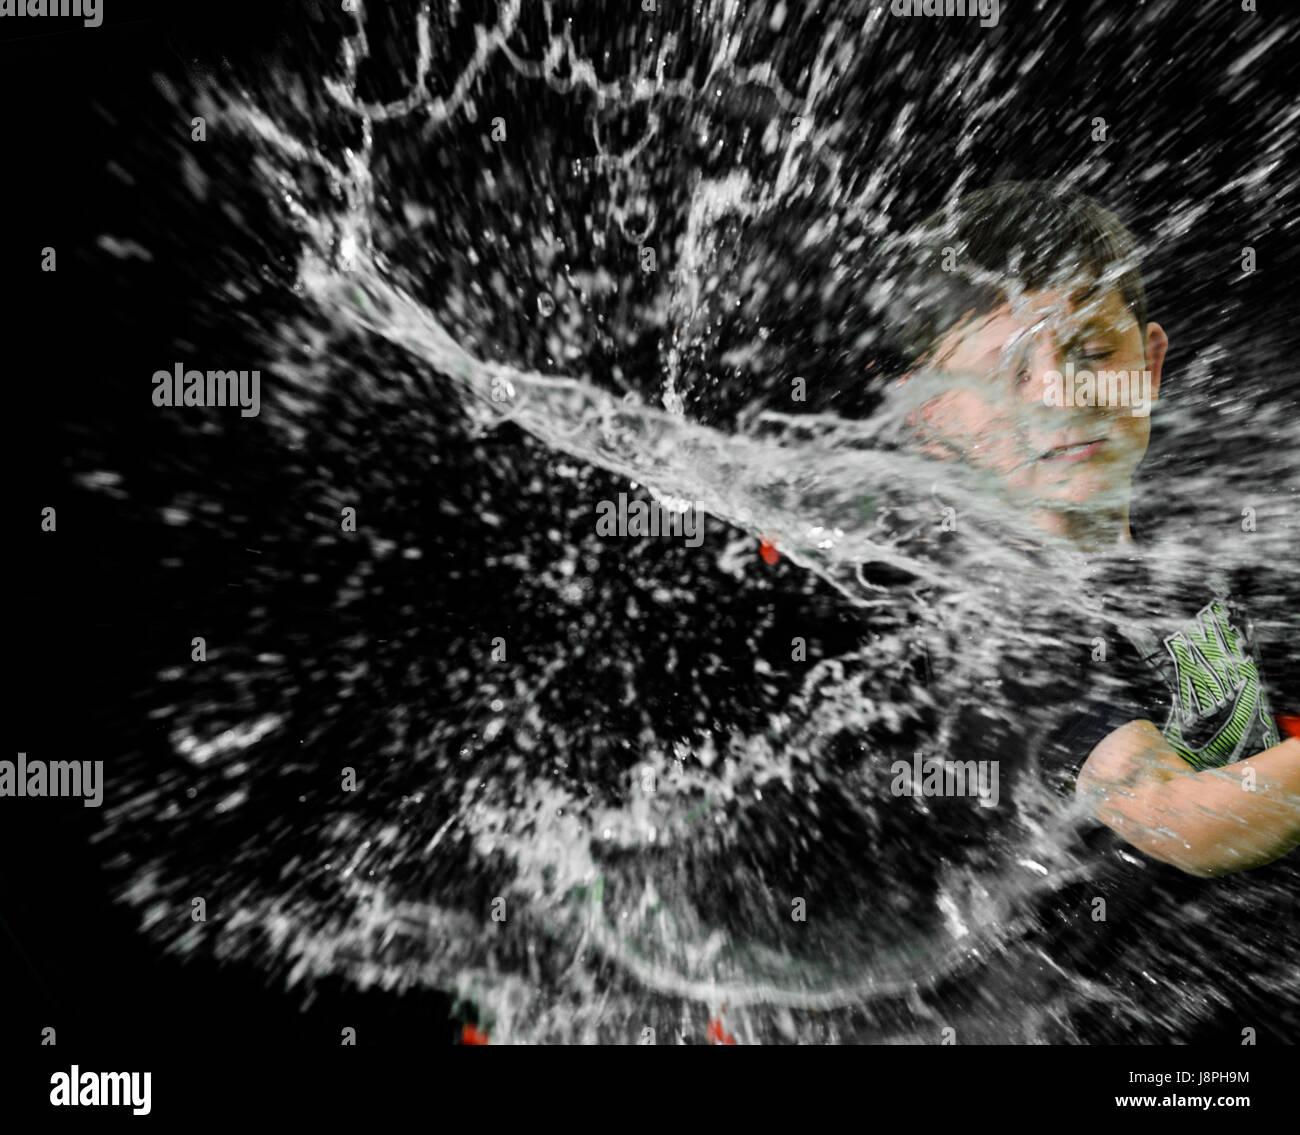 Ragazzo giovane si disperde acqua al centro, a destra e a sinistra dopo aver colpito un palloncino di acqua con Immagini Stock